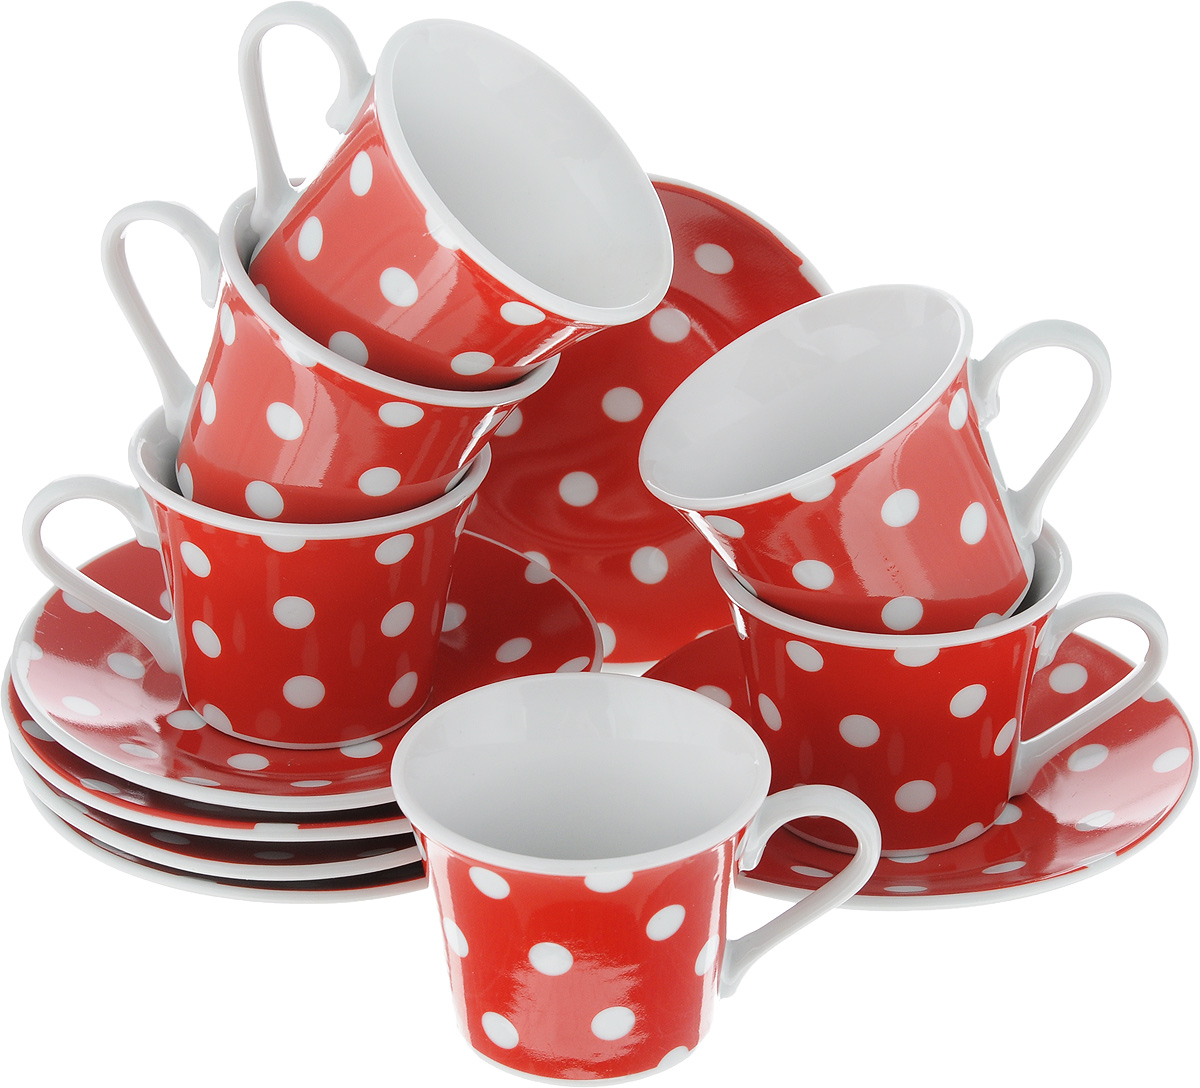 Набор кофейный Loraine Горох, 12 предметовVT-1520(SR)Кофейный набор Loraine Горох состоит из 6 чашек и 6 блюдец. Изделия выполнены из высококачественного фарфора, имеют яркий дизайн и классическую круглую форму. Такой набор прекрасно подойдет как для повседневного использования, так и для праздников. Набор Loraine Горох - это не только яркий и полезный подарок для родных и близких, а также великолепное дизайнерское решение для вашей кухни или столовой. Набор упакован в подарочную коробку.Диаметр чашки (по верхнему краю): 6,2 см. Высота чашки: 5,2 см. Диаметр блюдца (по верхнему краю): 11 см. Высота блюдца: 1,5 см.Объем чашки: 80 мл.